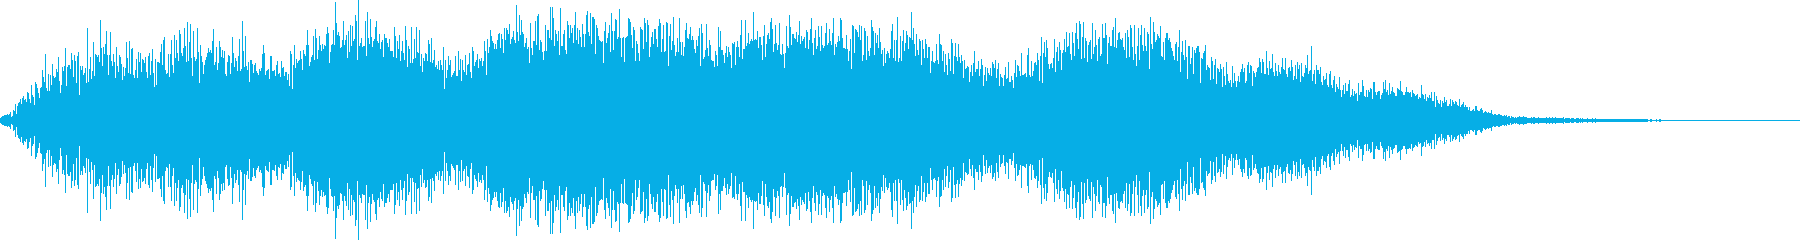 【ホラー】 シーン 02 不穏の再生済みの波形